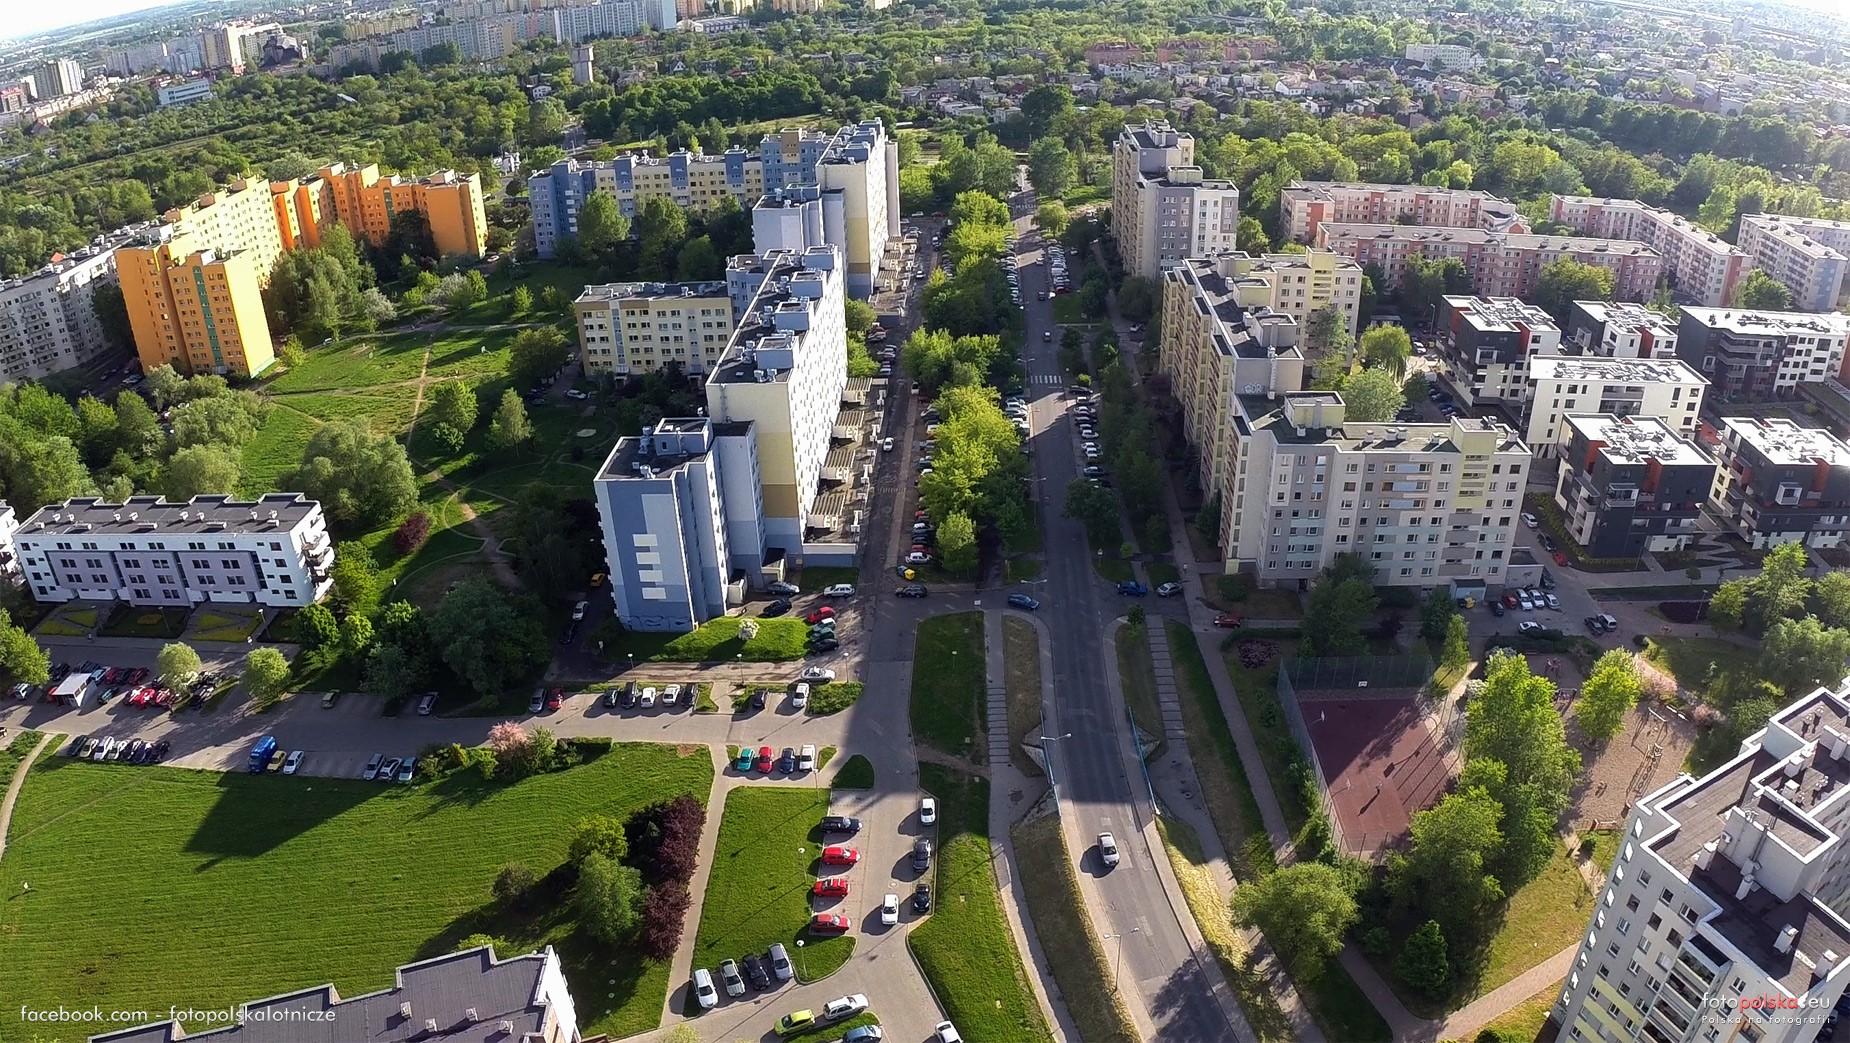 https://wroclaw.fotopolska.eu/foto/546/546006.jpg?m=1399720292